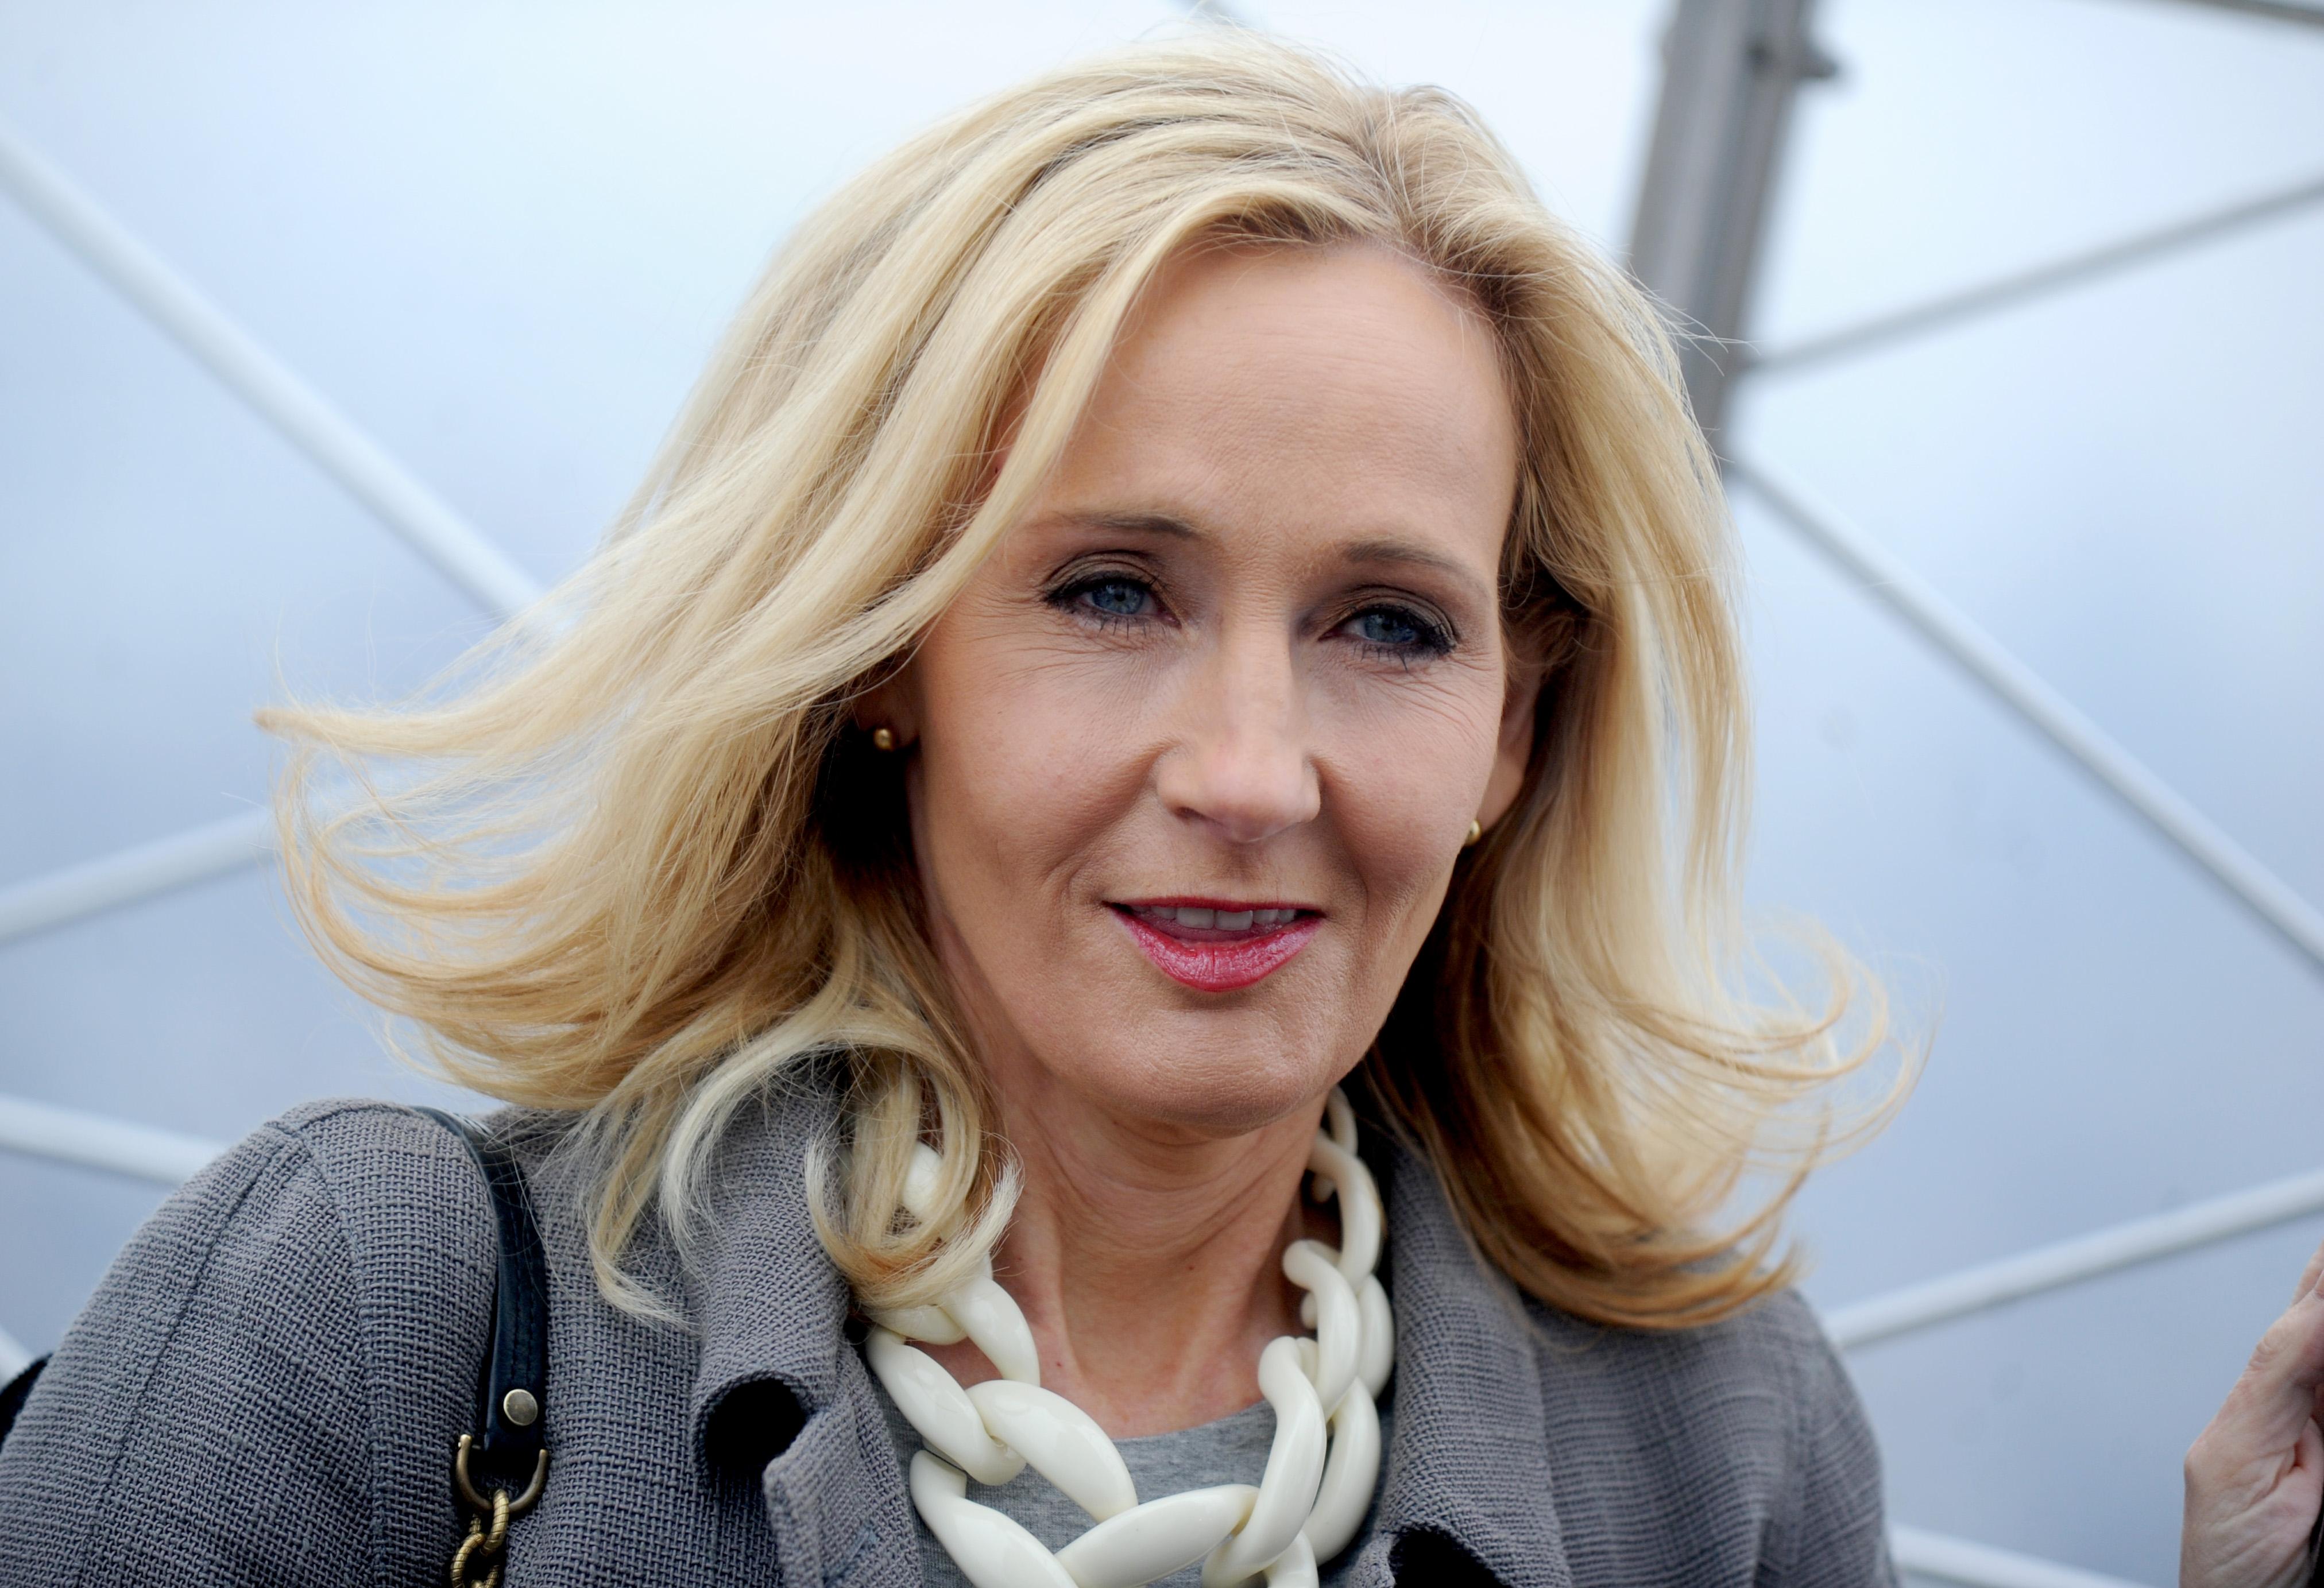 J.K. Rowlingot transzfóbnak nevezték, miután felvetette, hogy csak a nők menstruálnak